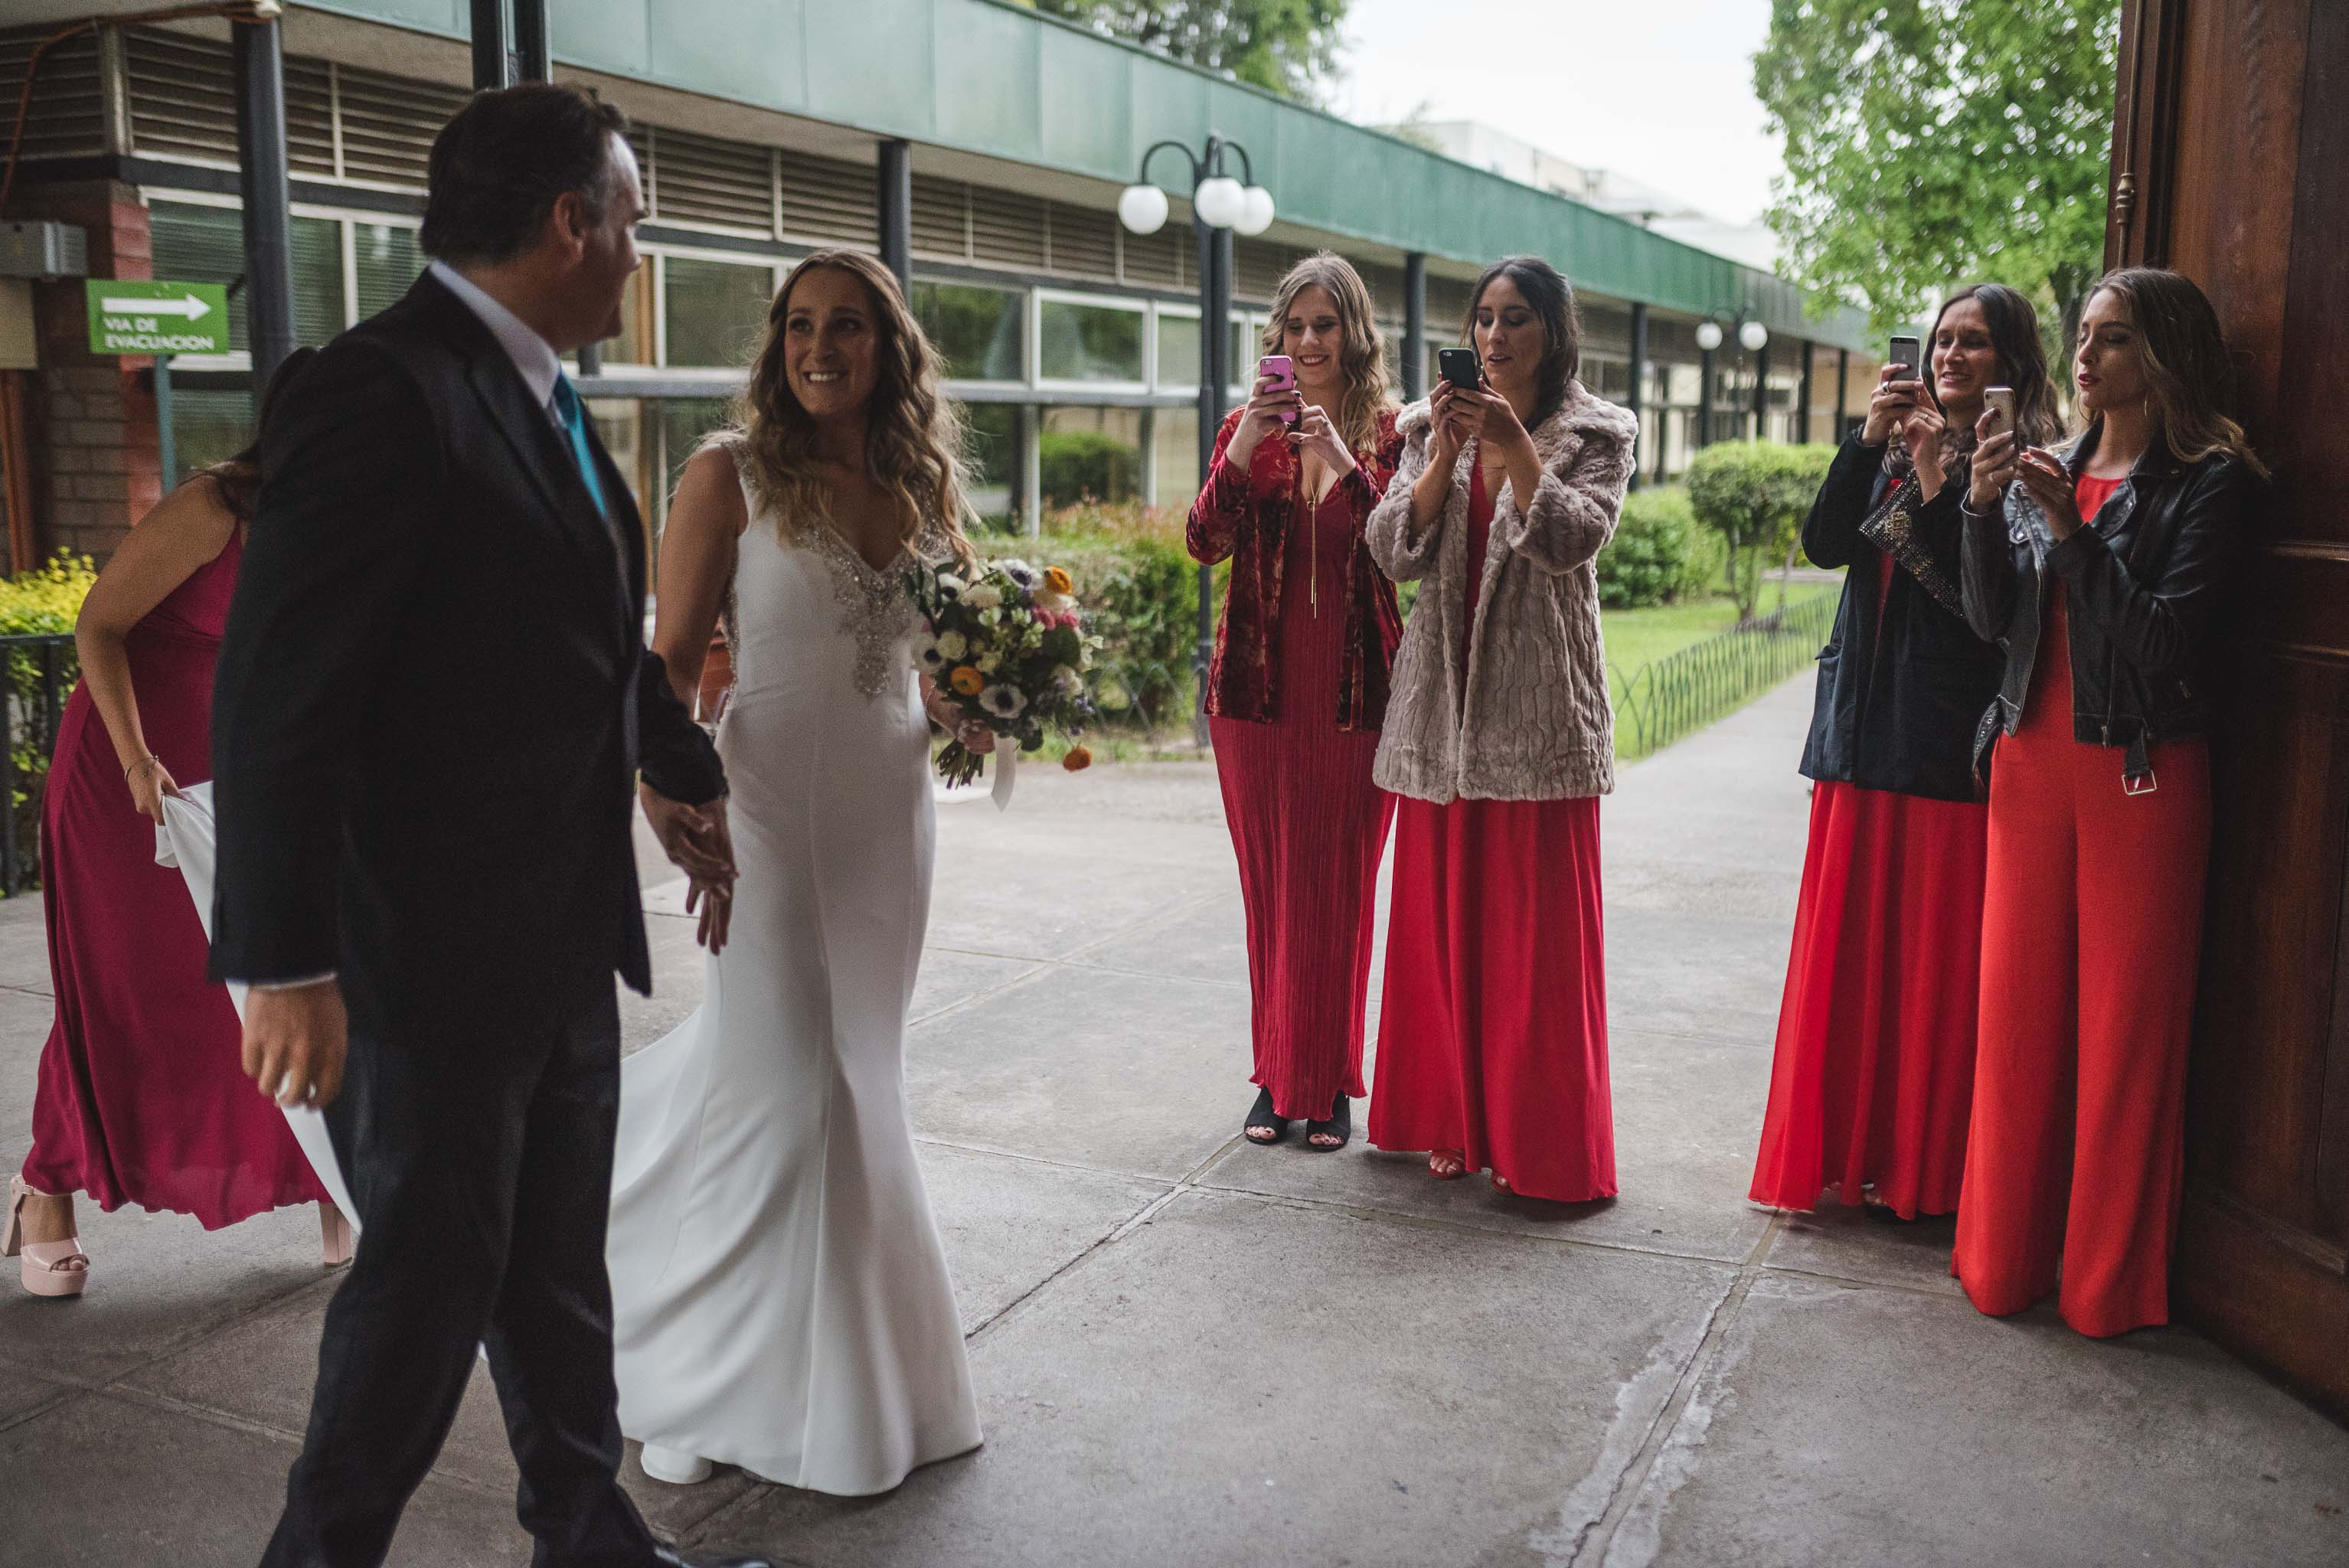 fotografo de matrimonios santiago- fotografo documental de matrimonios-club hipico-ceremonia-verbo divino